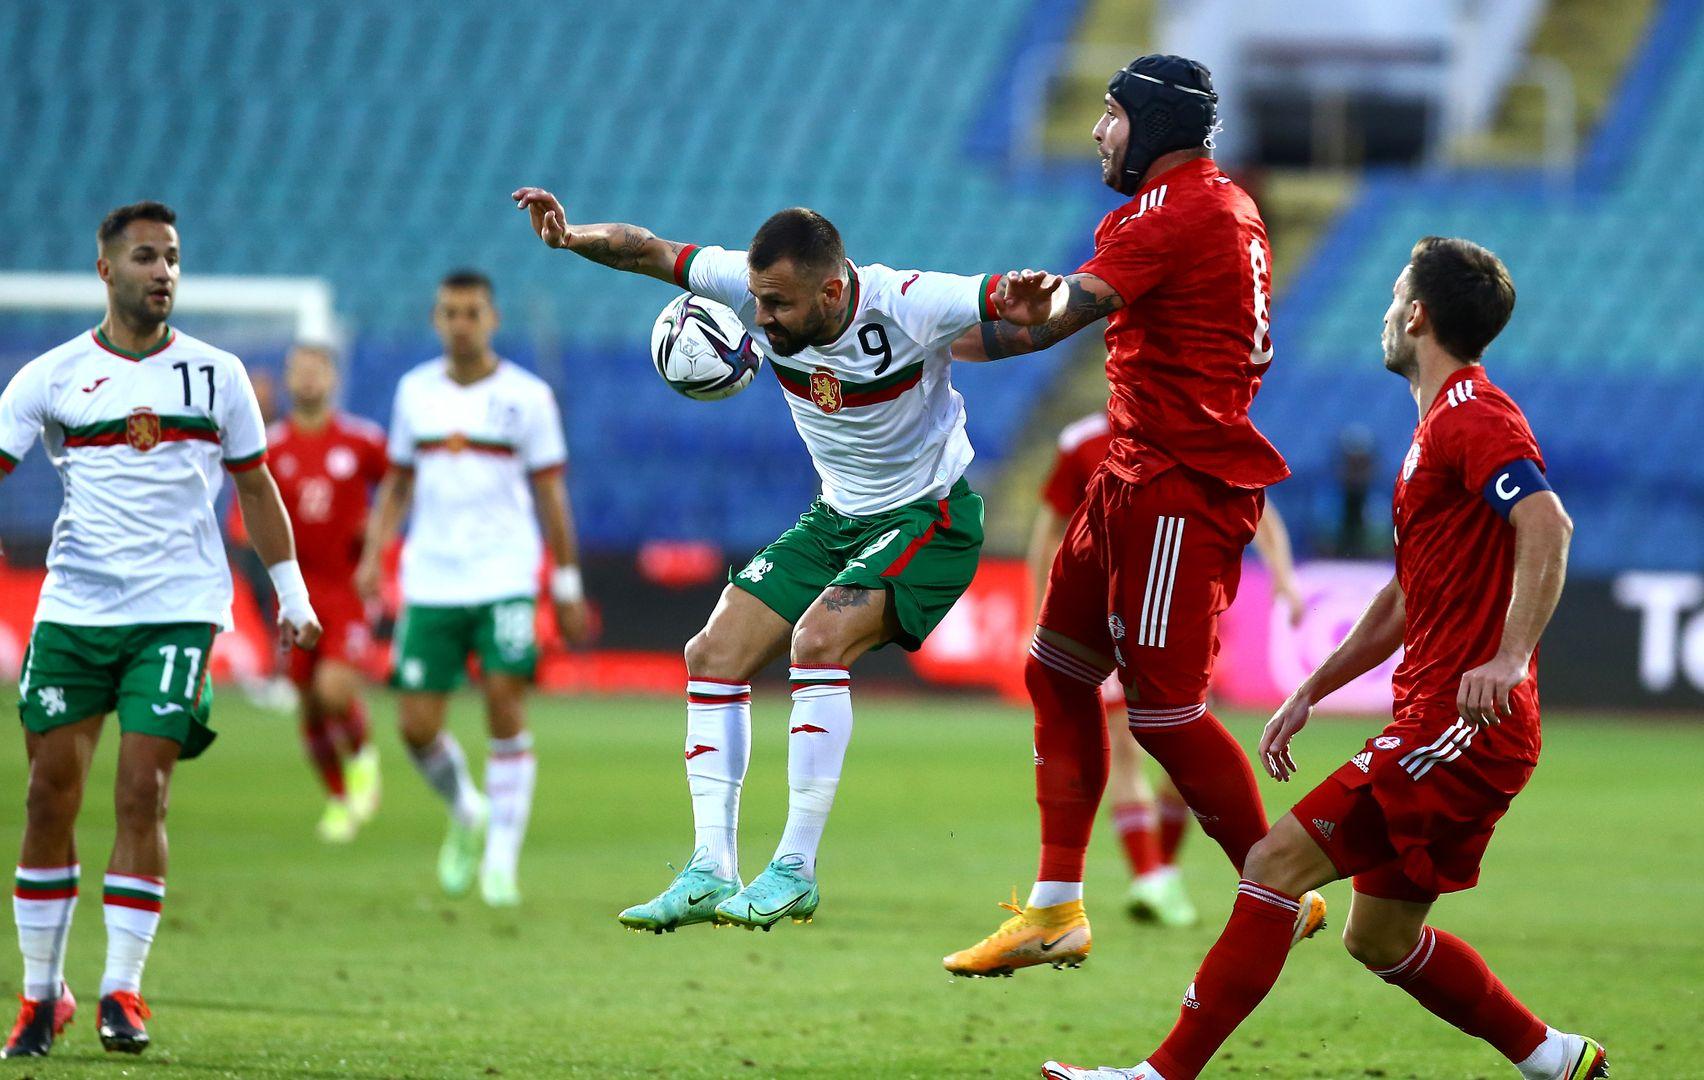 Спас Делев вкара гол за националния тим при победата с 4:1 срещу Грузия